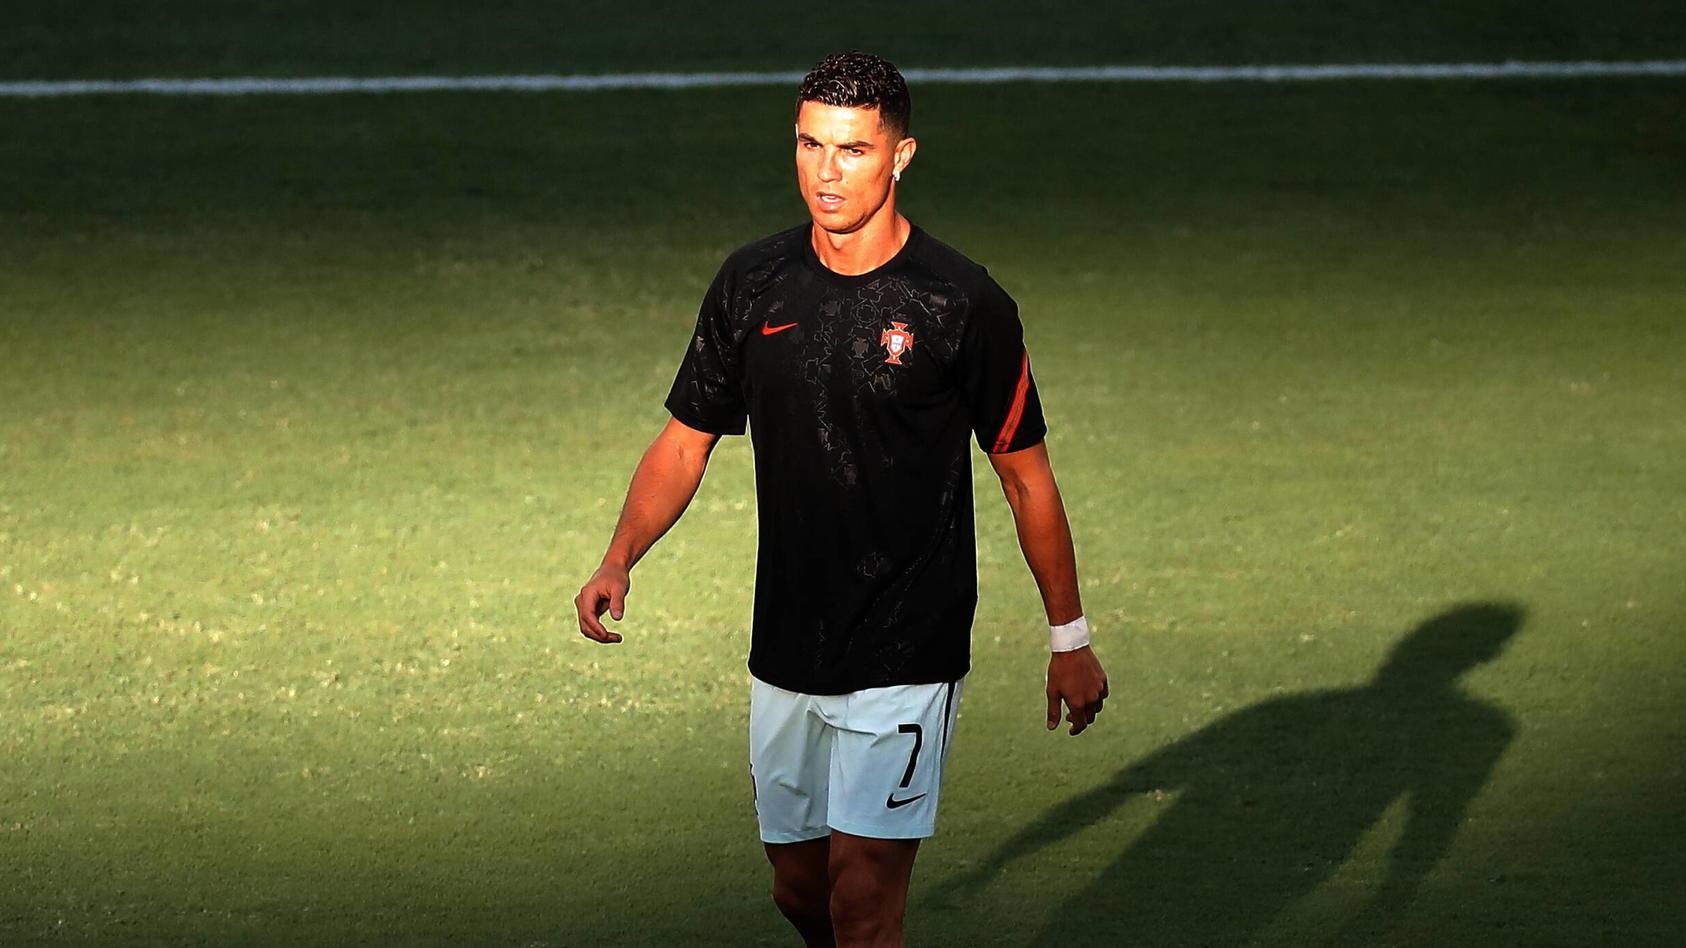 Cristiano Ronaldo ist nicht nur als Fußballer megaerfolgreich.